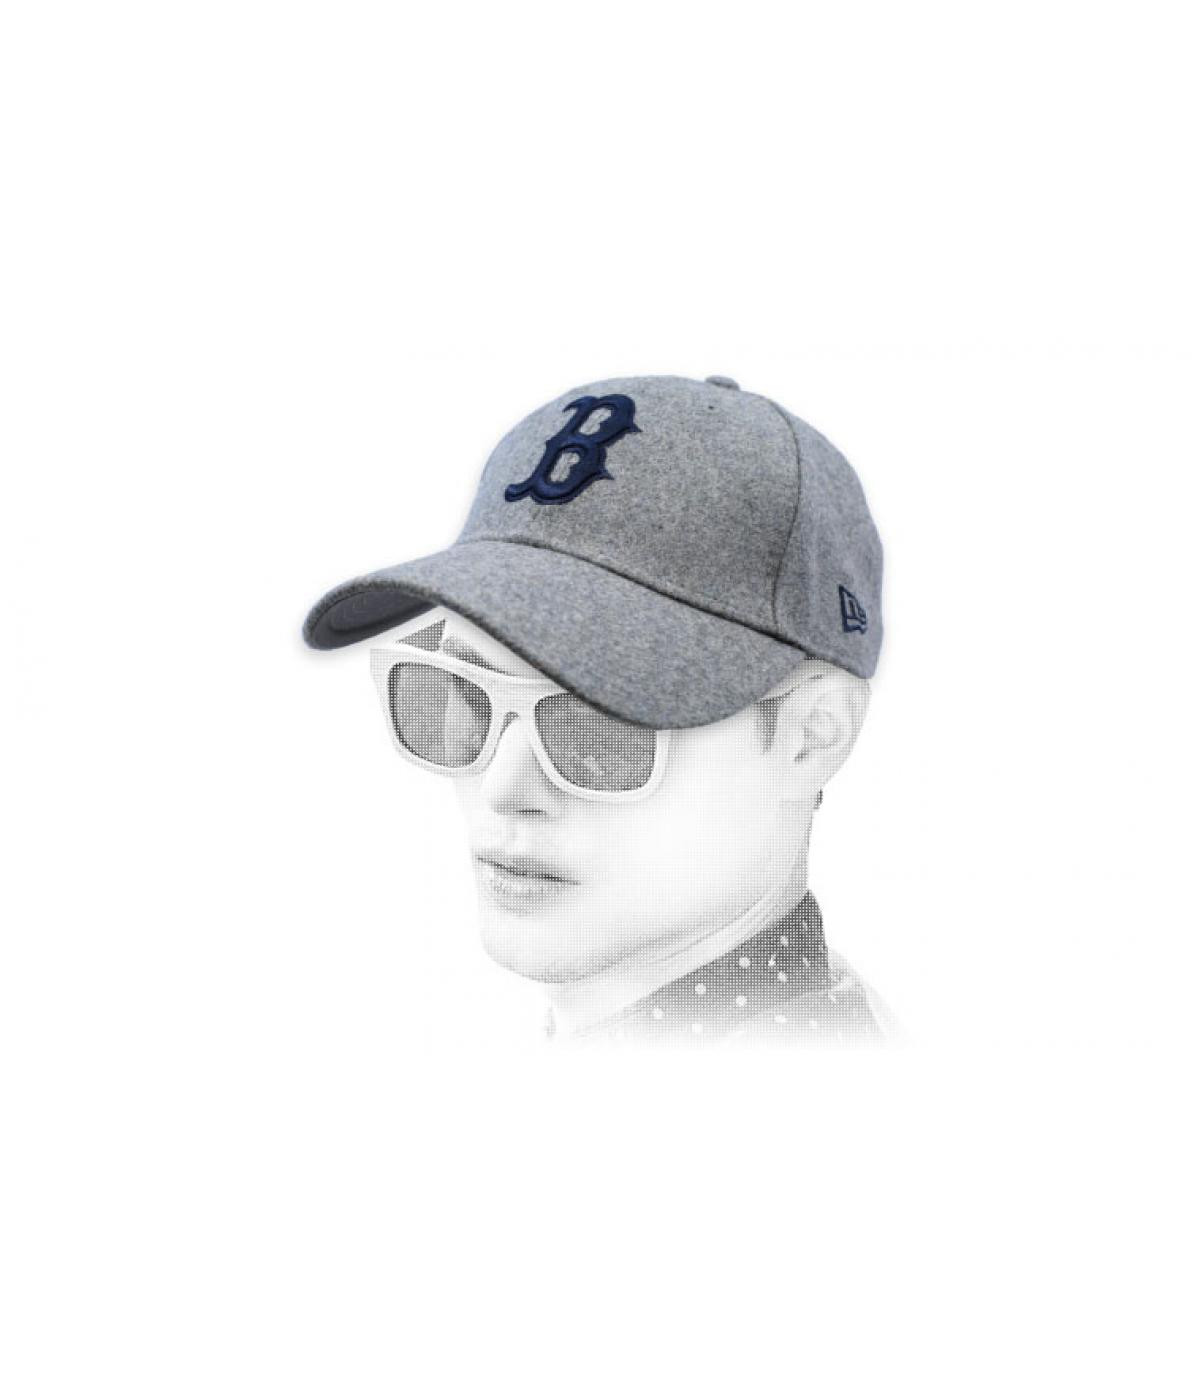 grey B cap wool